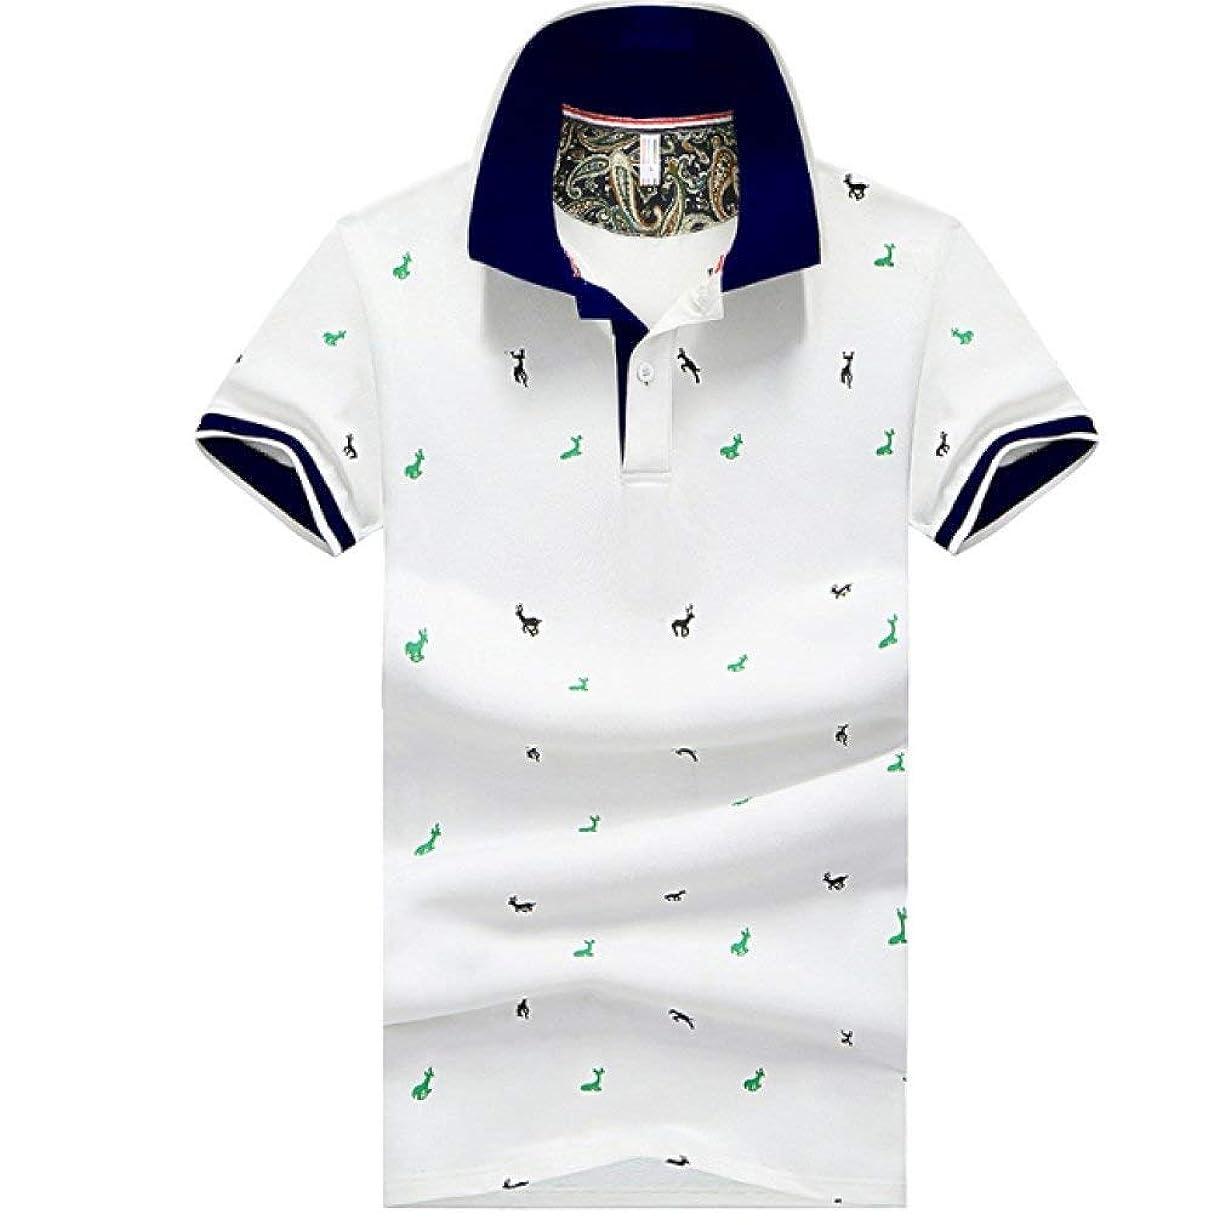 崖頼むかもしれない[ SmaidsxSmile(スマイズ スマイル) ] ポロシャツ トップス 半袖 柄 ボタン 襟付 カジュアル ゴルフウェア メンズ